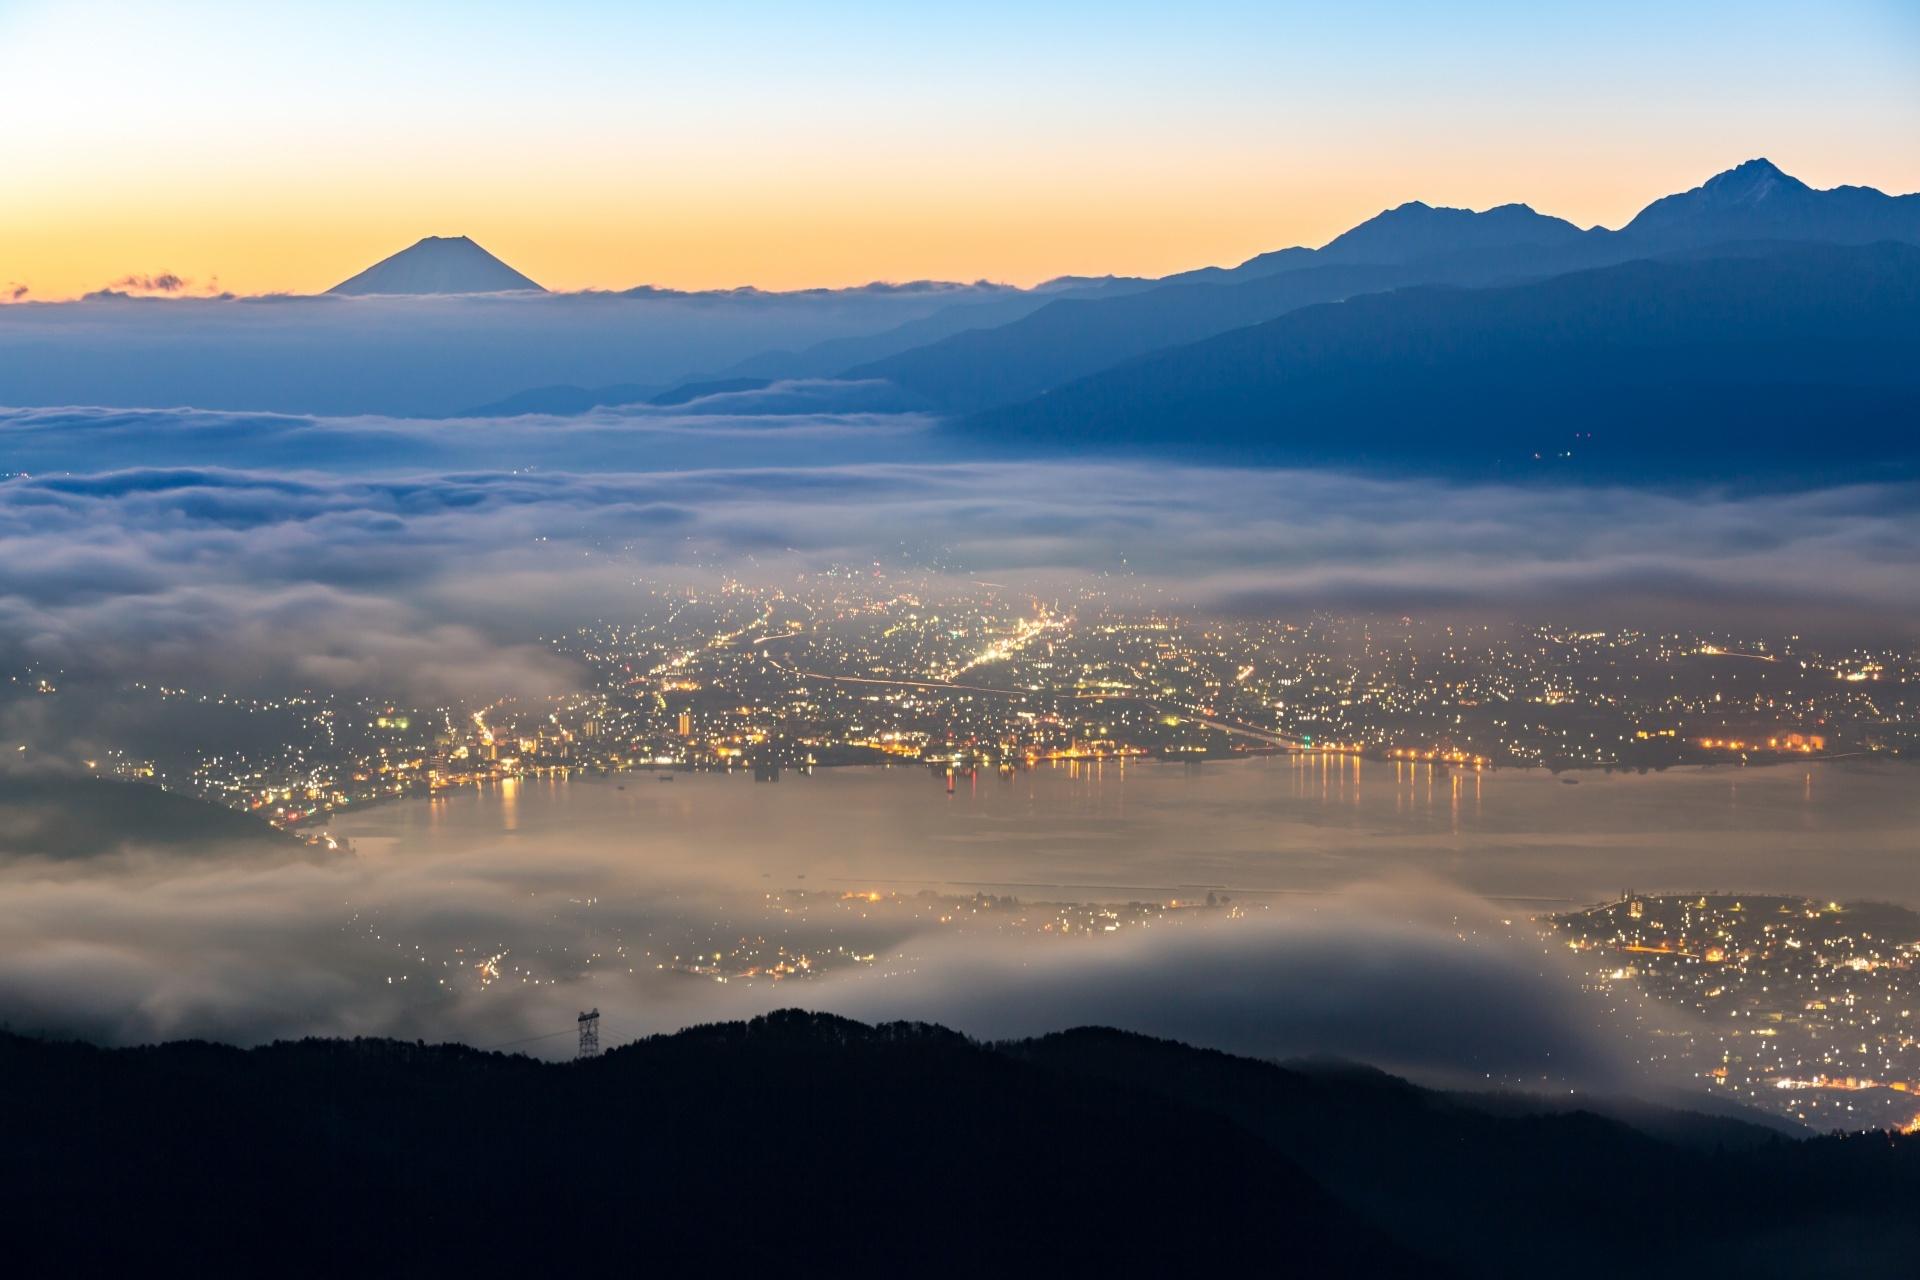 高ボッチから見る富士山と諏訪湖の風景 長野の風景